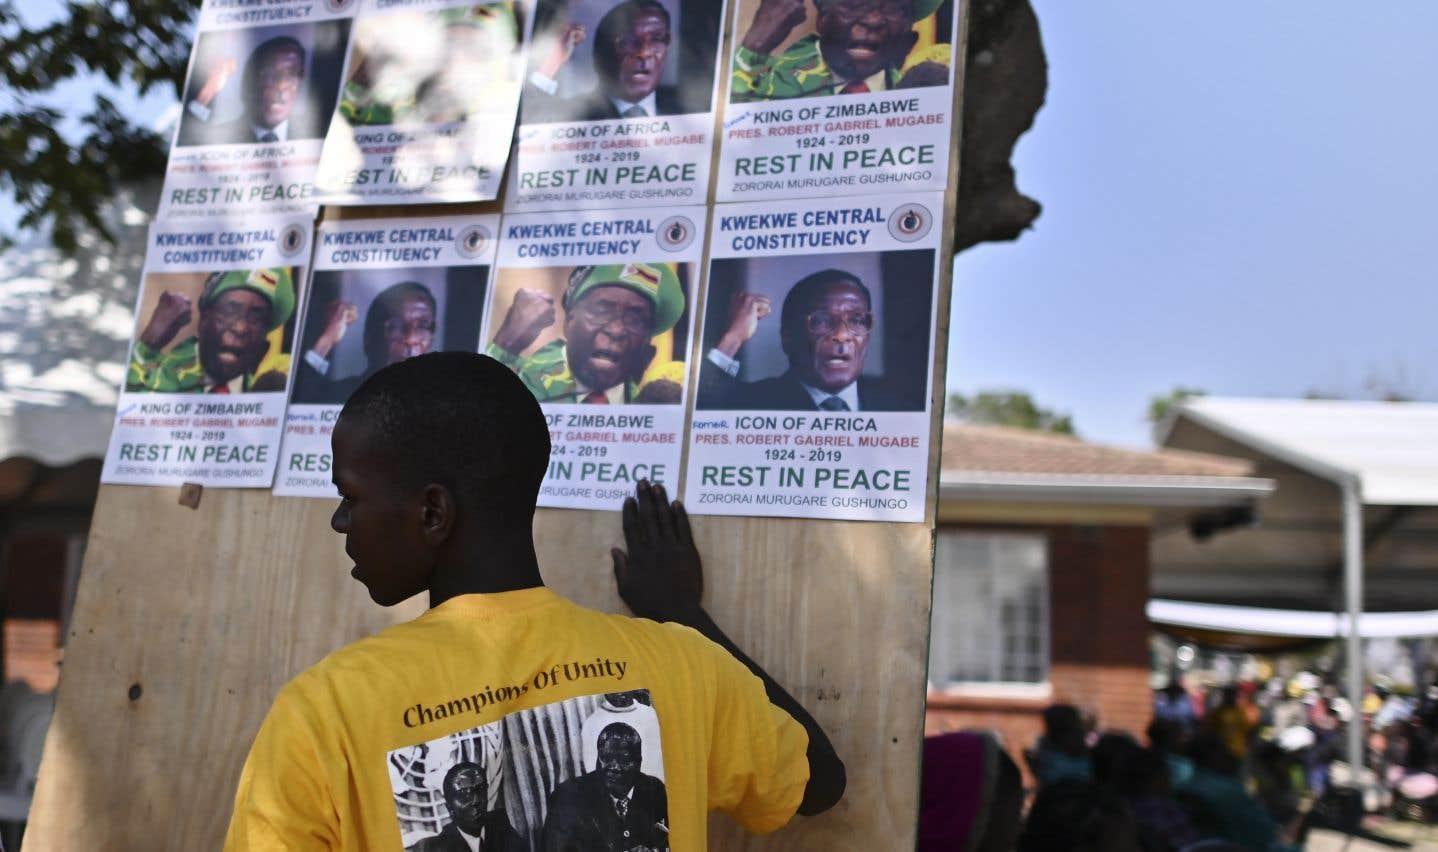 Un villageois crée un collage avec d'anciennes affiches de l'ex-président zimbabwéen, Robert Mugabe. L'homme d'État est décédé le 6septembre dernier à l'âge de 95ans. M.Mugabe a laissé un pays ruiné par une crise économique qui a plongé une grosse partie de la population dans la misère. Lors des funérailles nationales de l'ancien président, ce bilan n'a toutefois pas été évoqué.